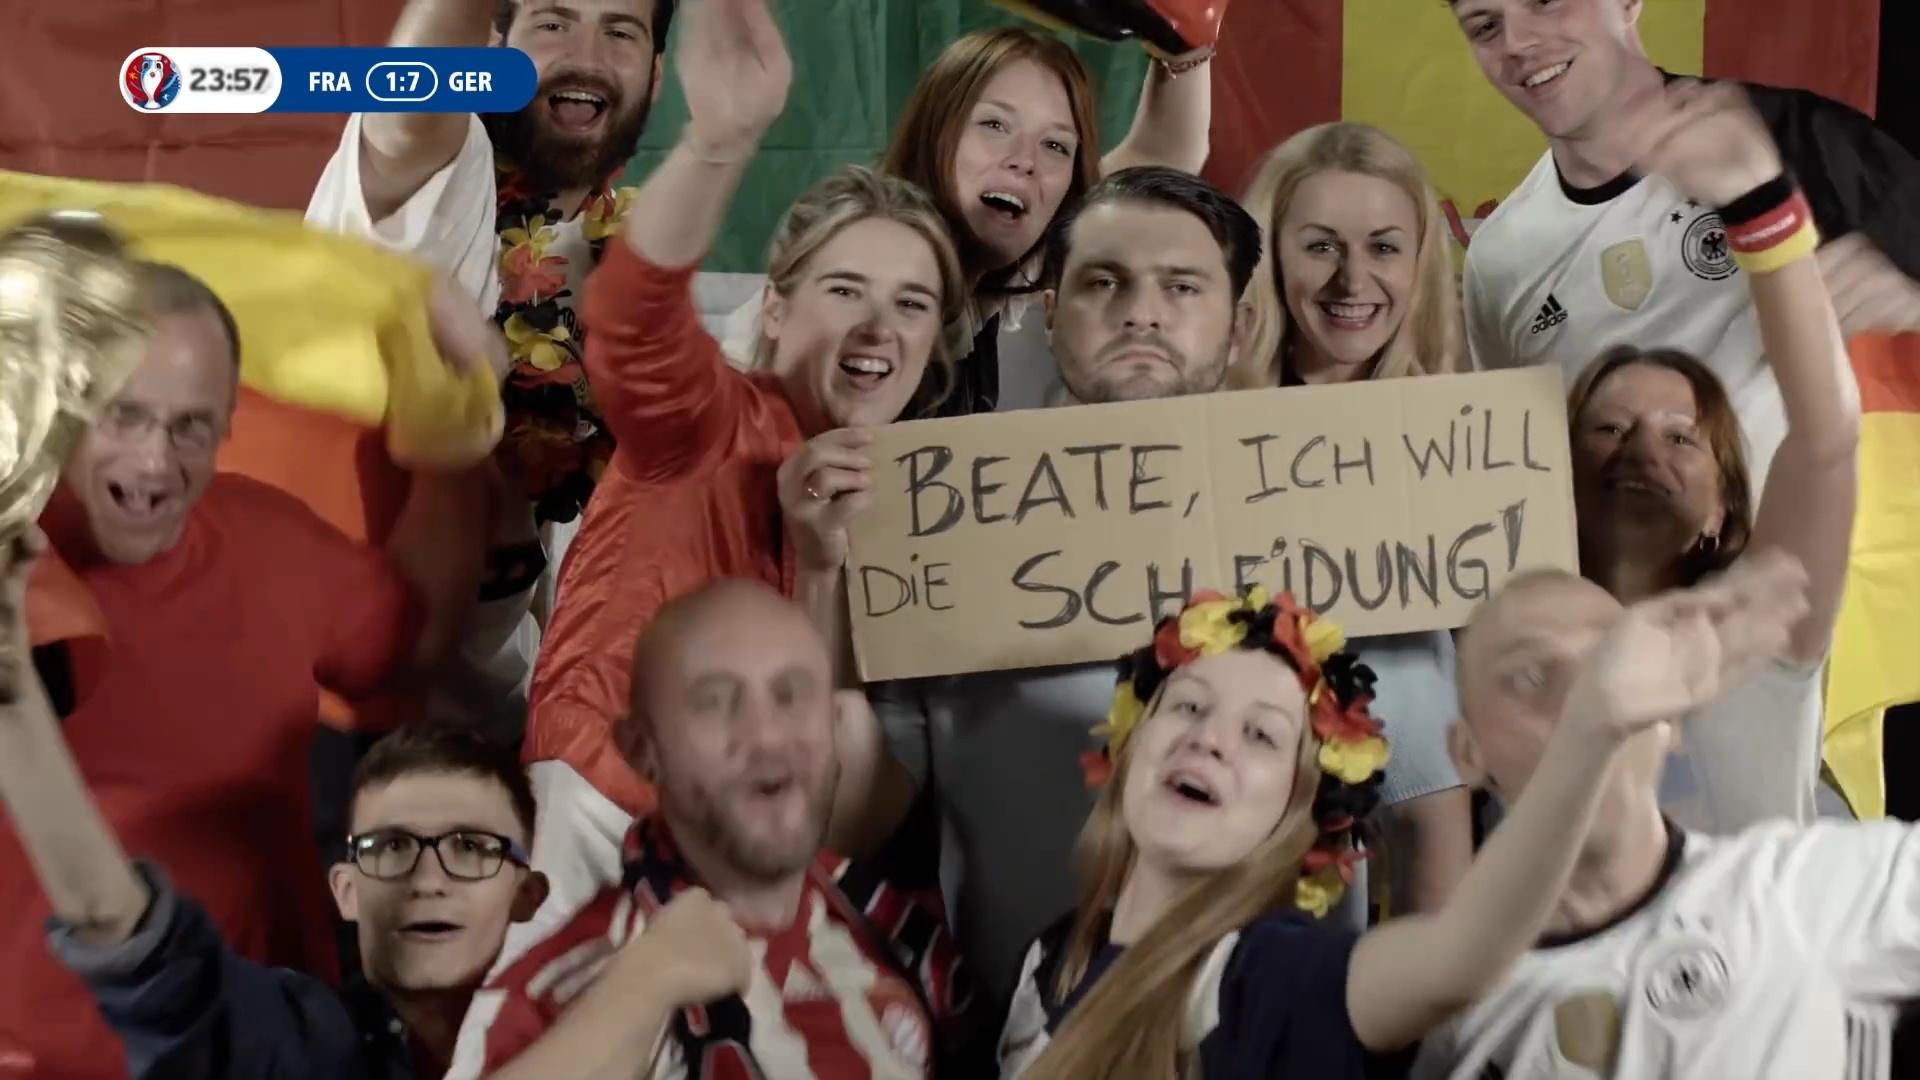 Die 10 besten Reaktionen vor der Stadion-Kamera